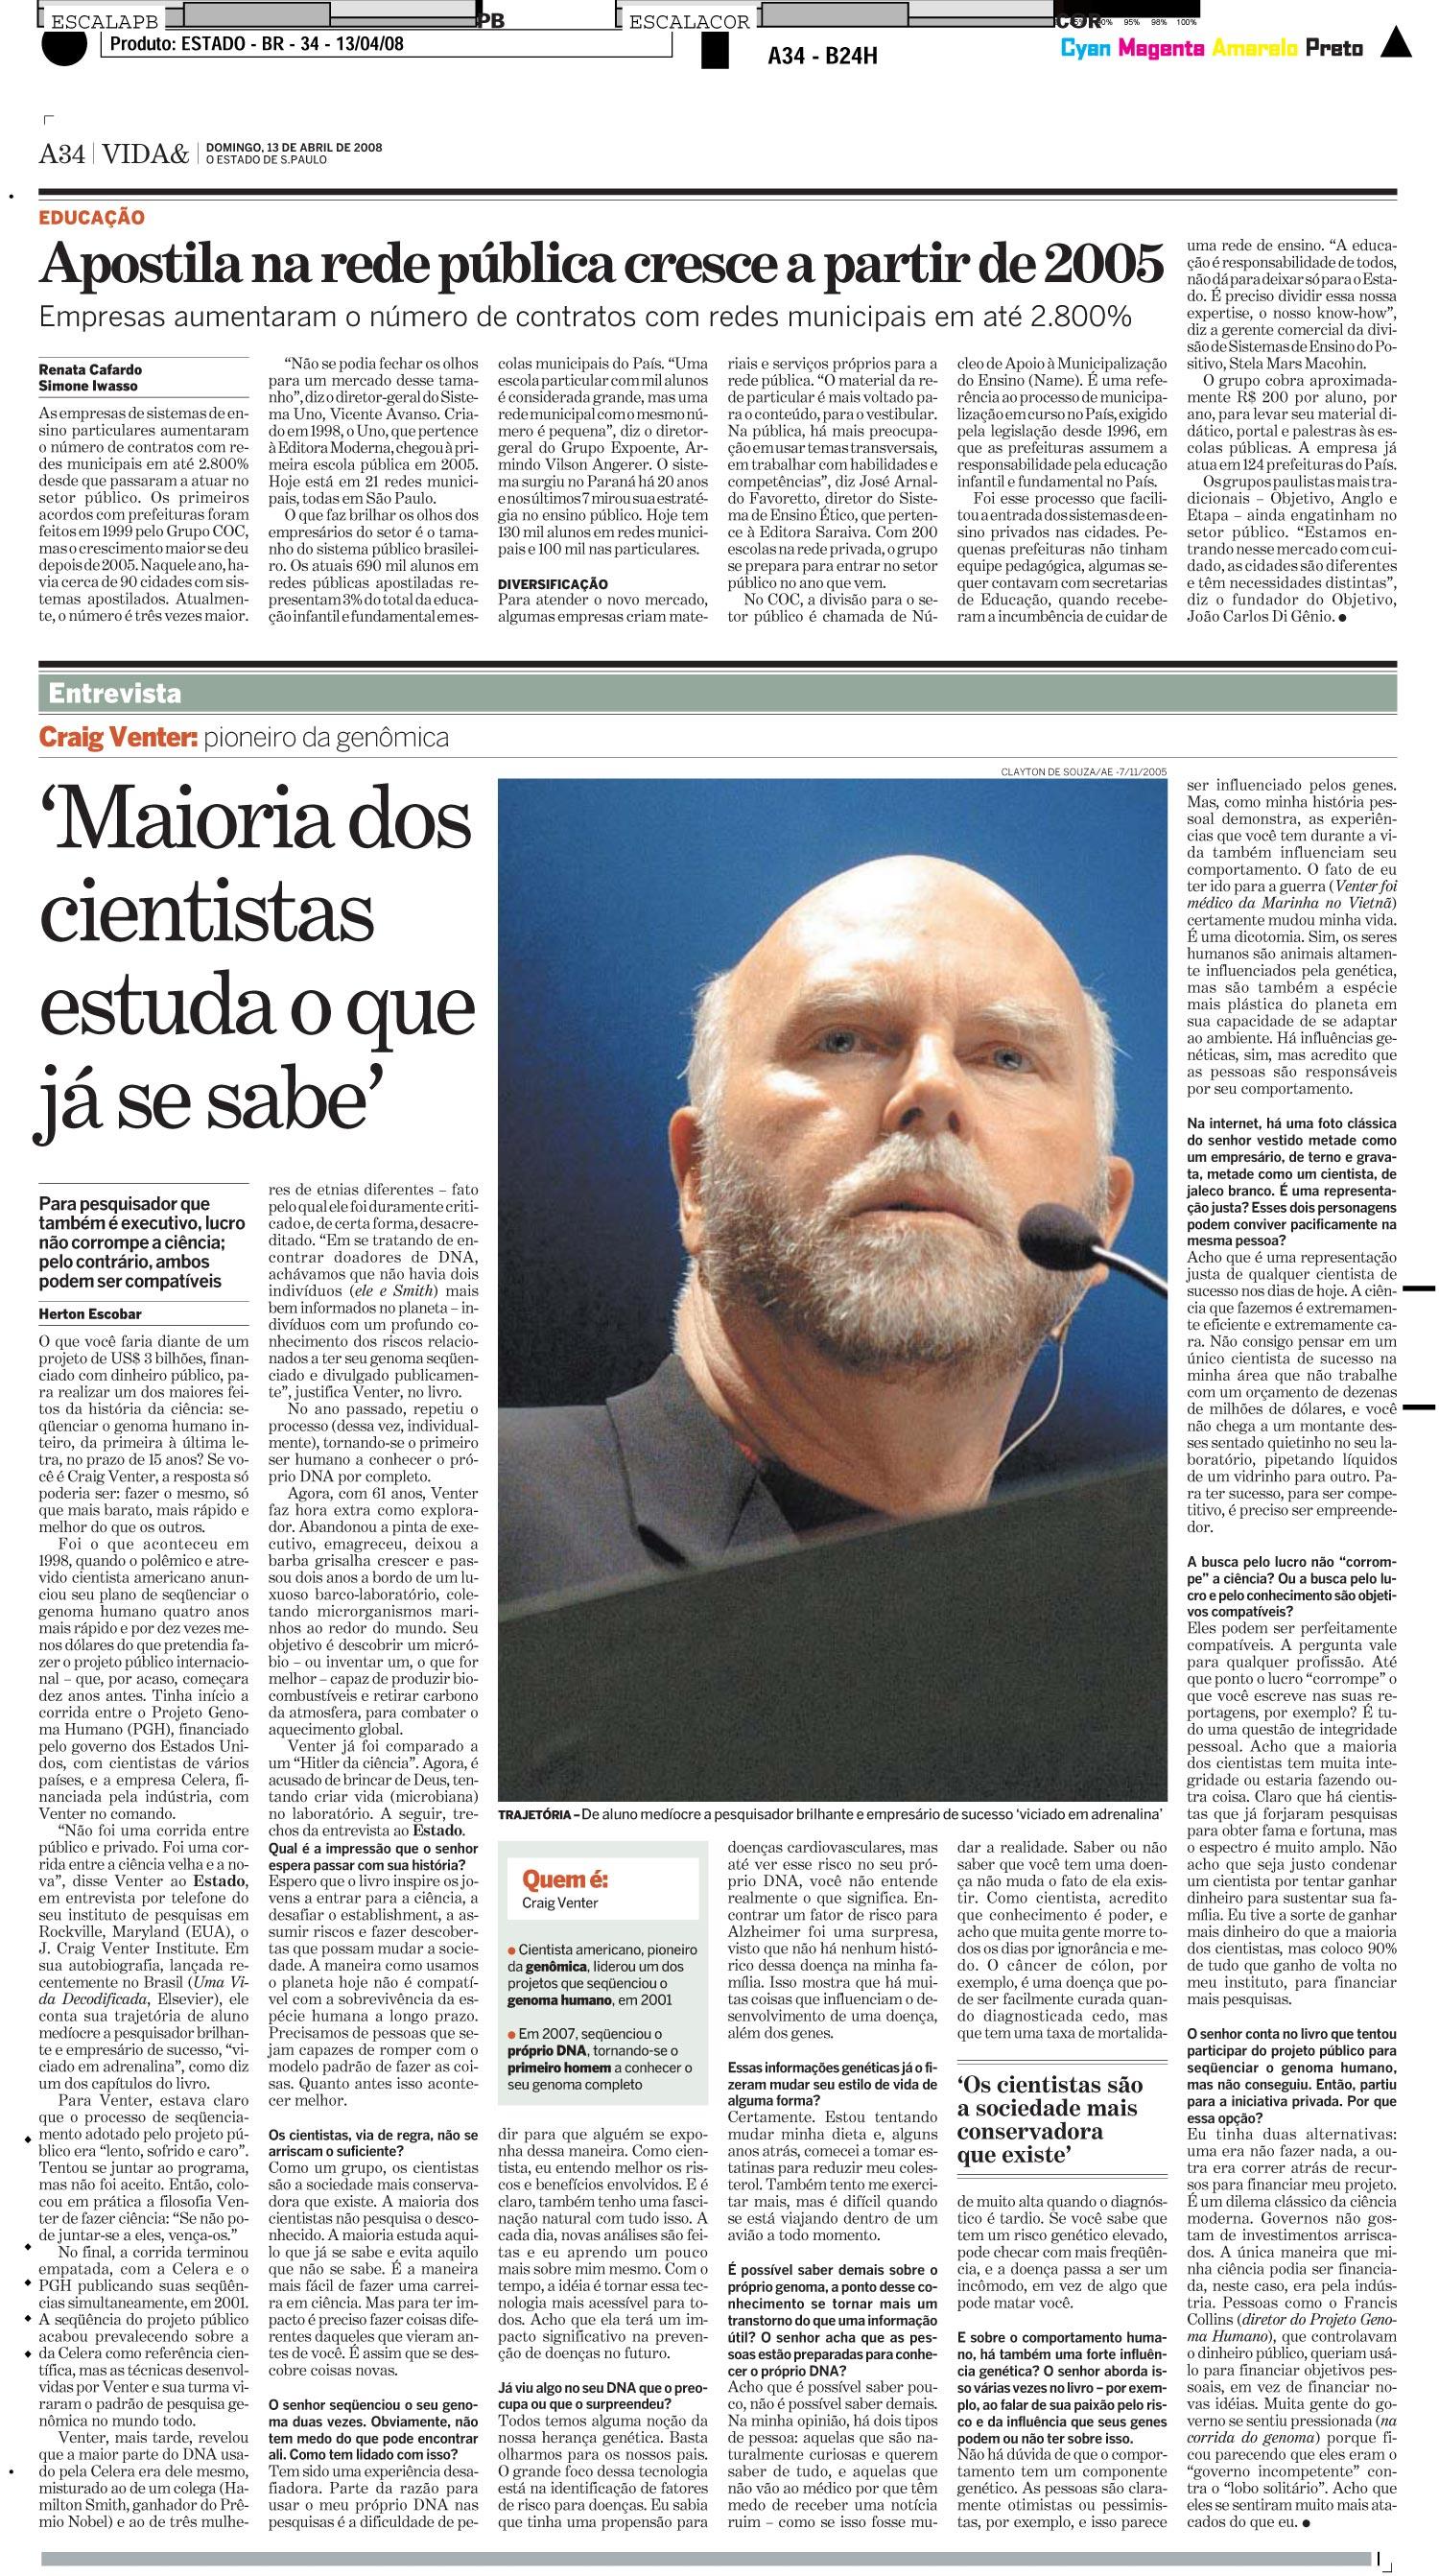 Entrevista: Craig Venter